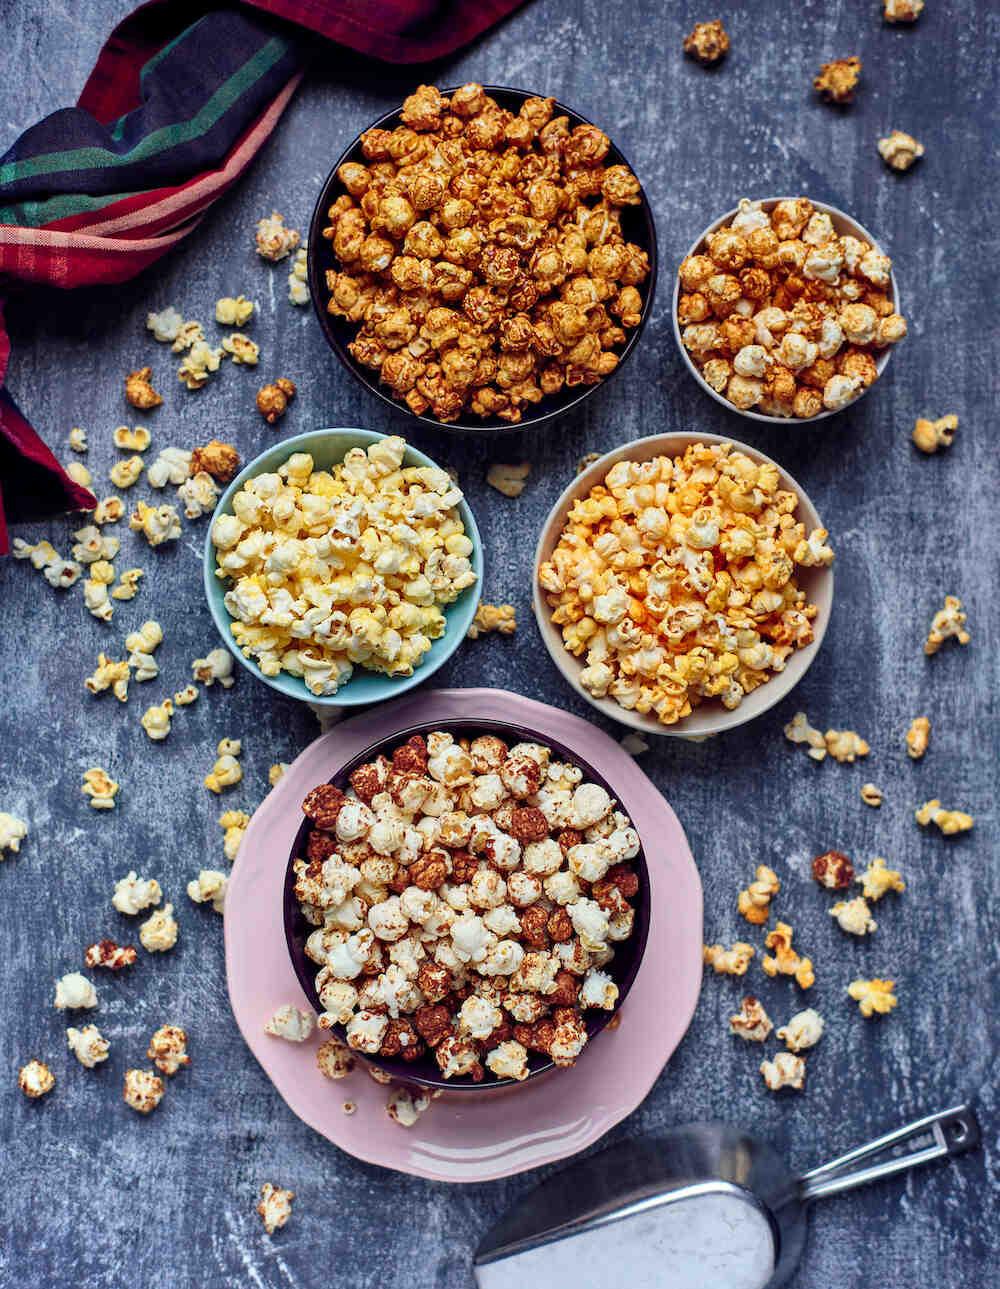 Comment réussir le Popcorn?